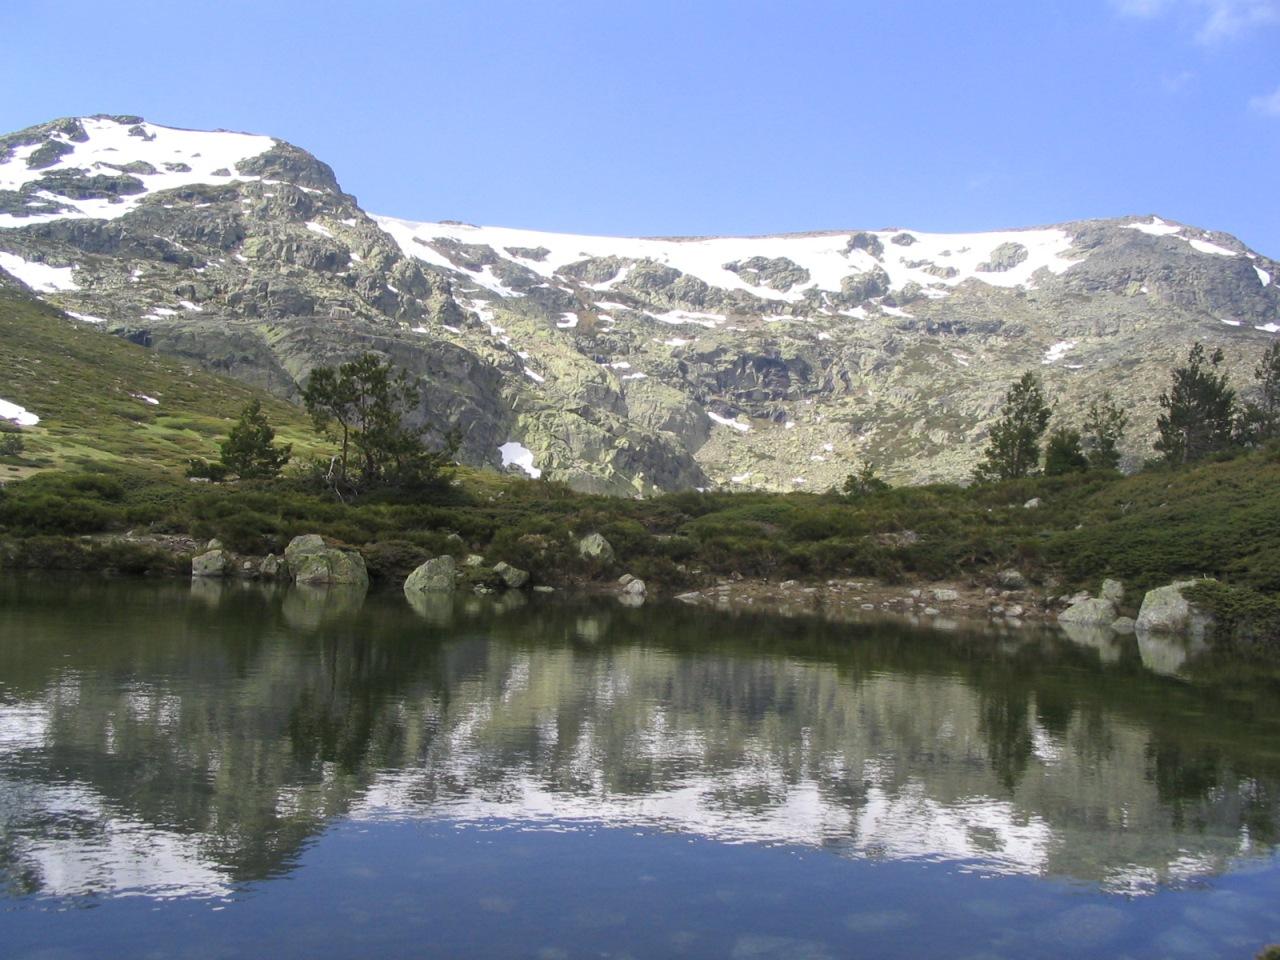 Depiction of Parque nacional de la Sierra de Guadarrama